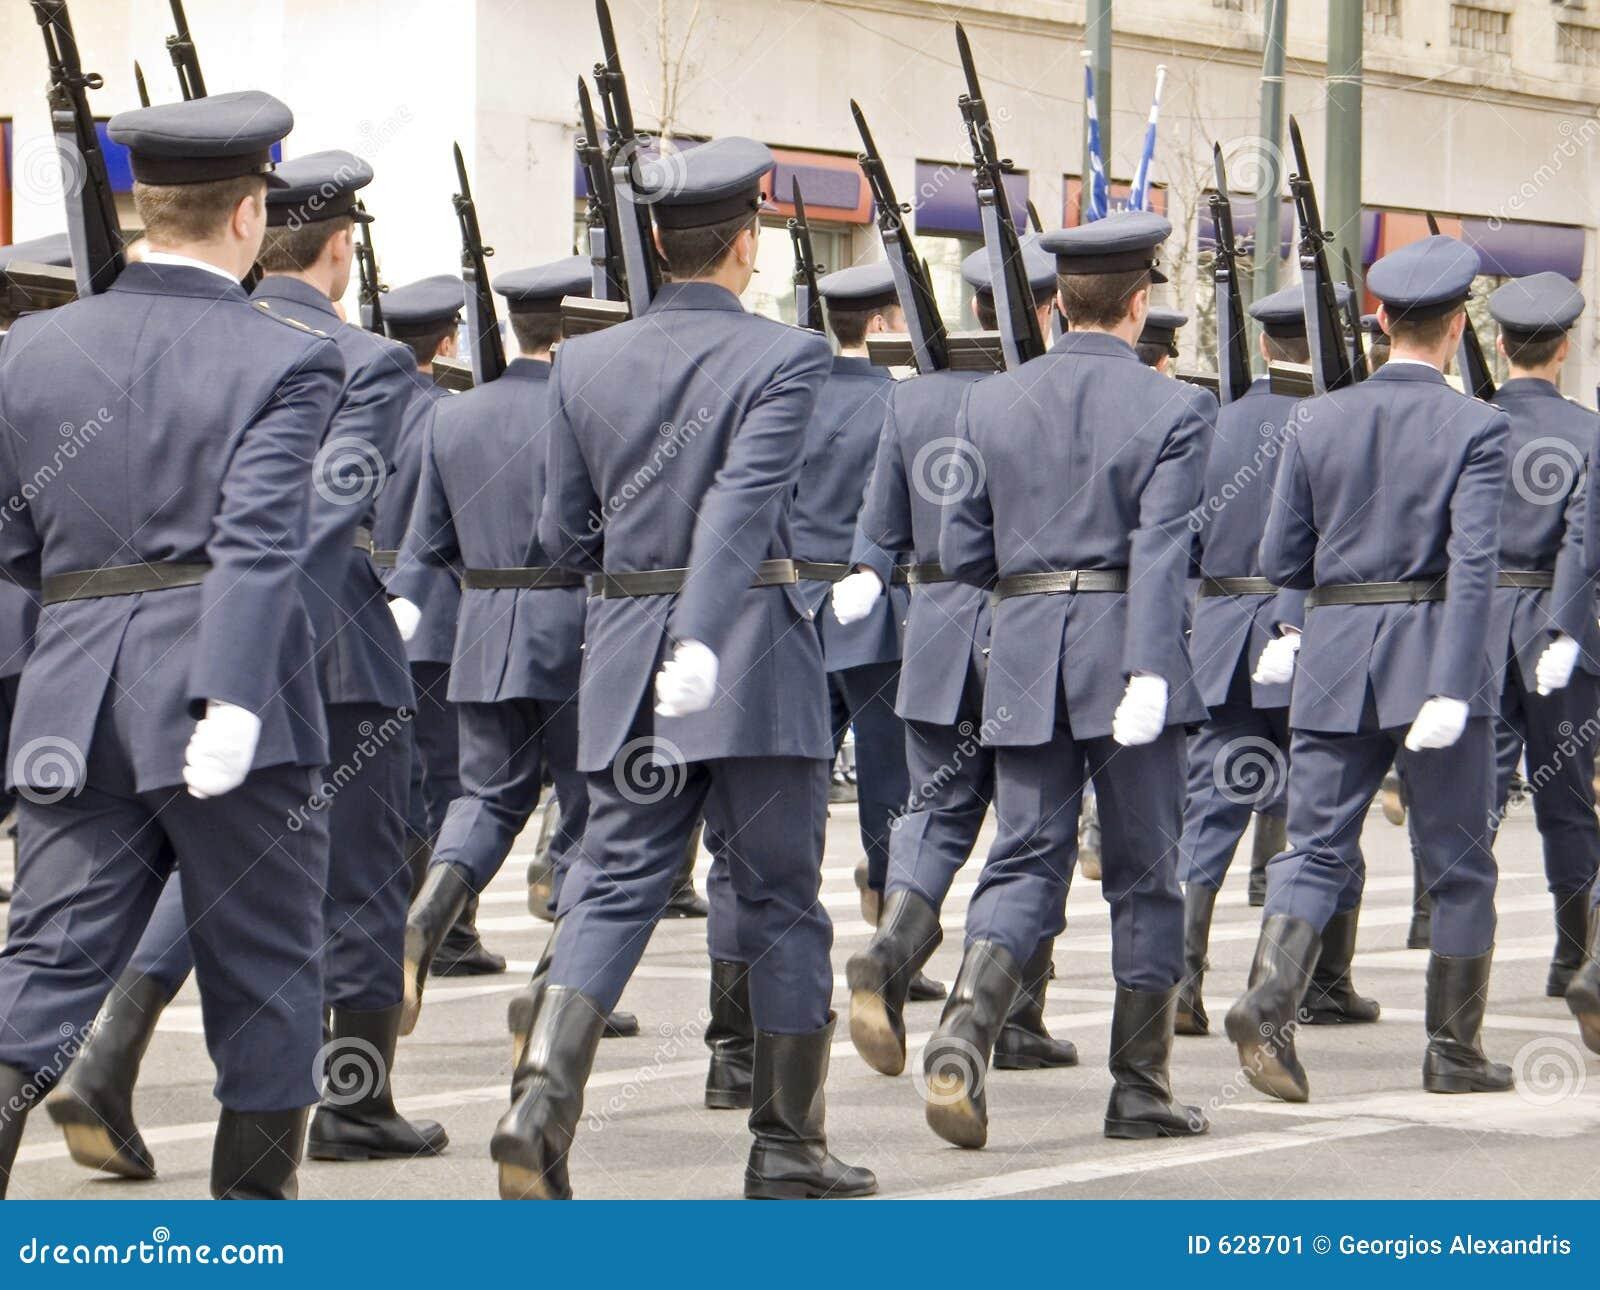 Download парад офицеров армии маршируя Стоковое Изображение - изображение насчитывающей люди, праздник: 628701